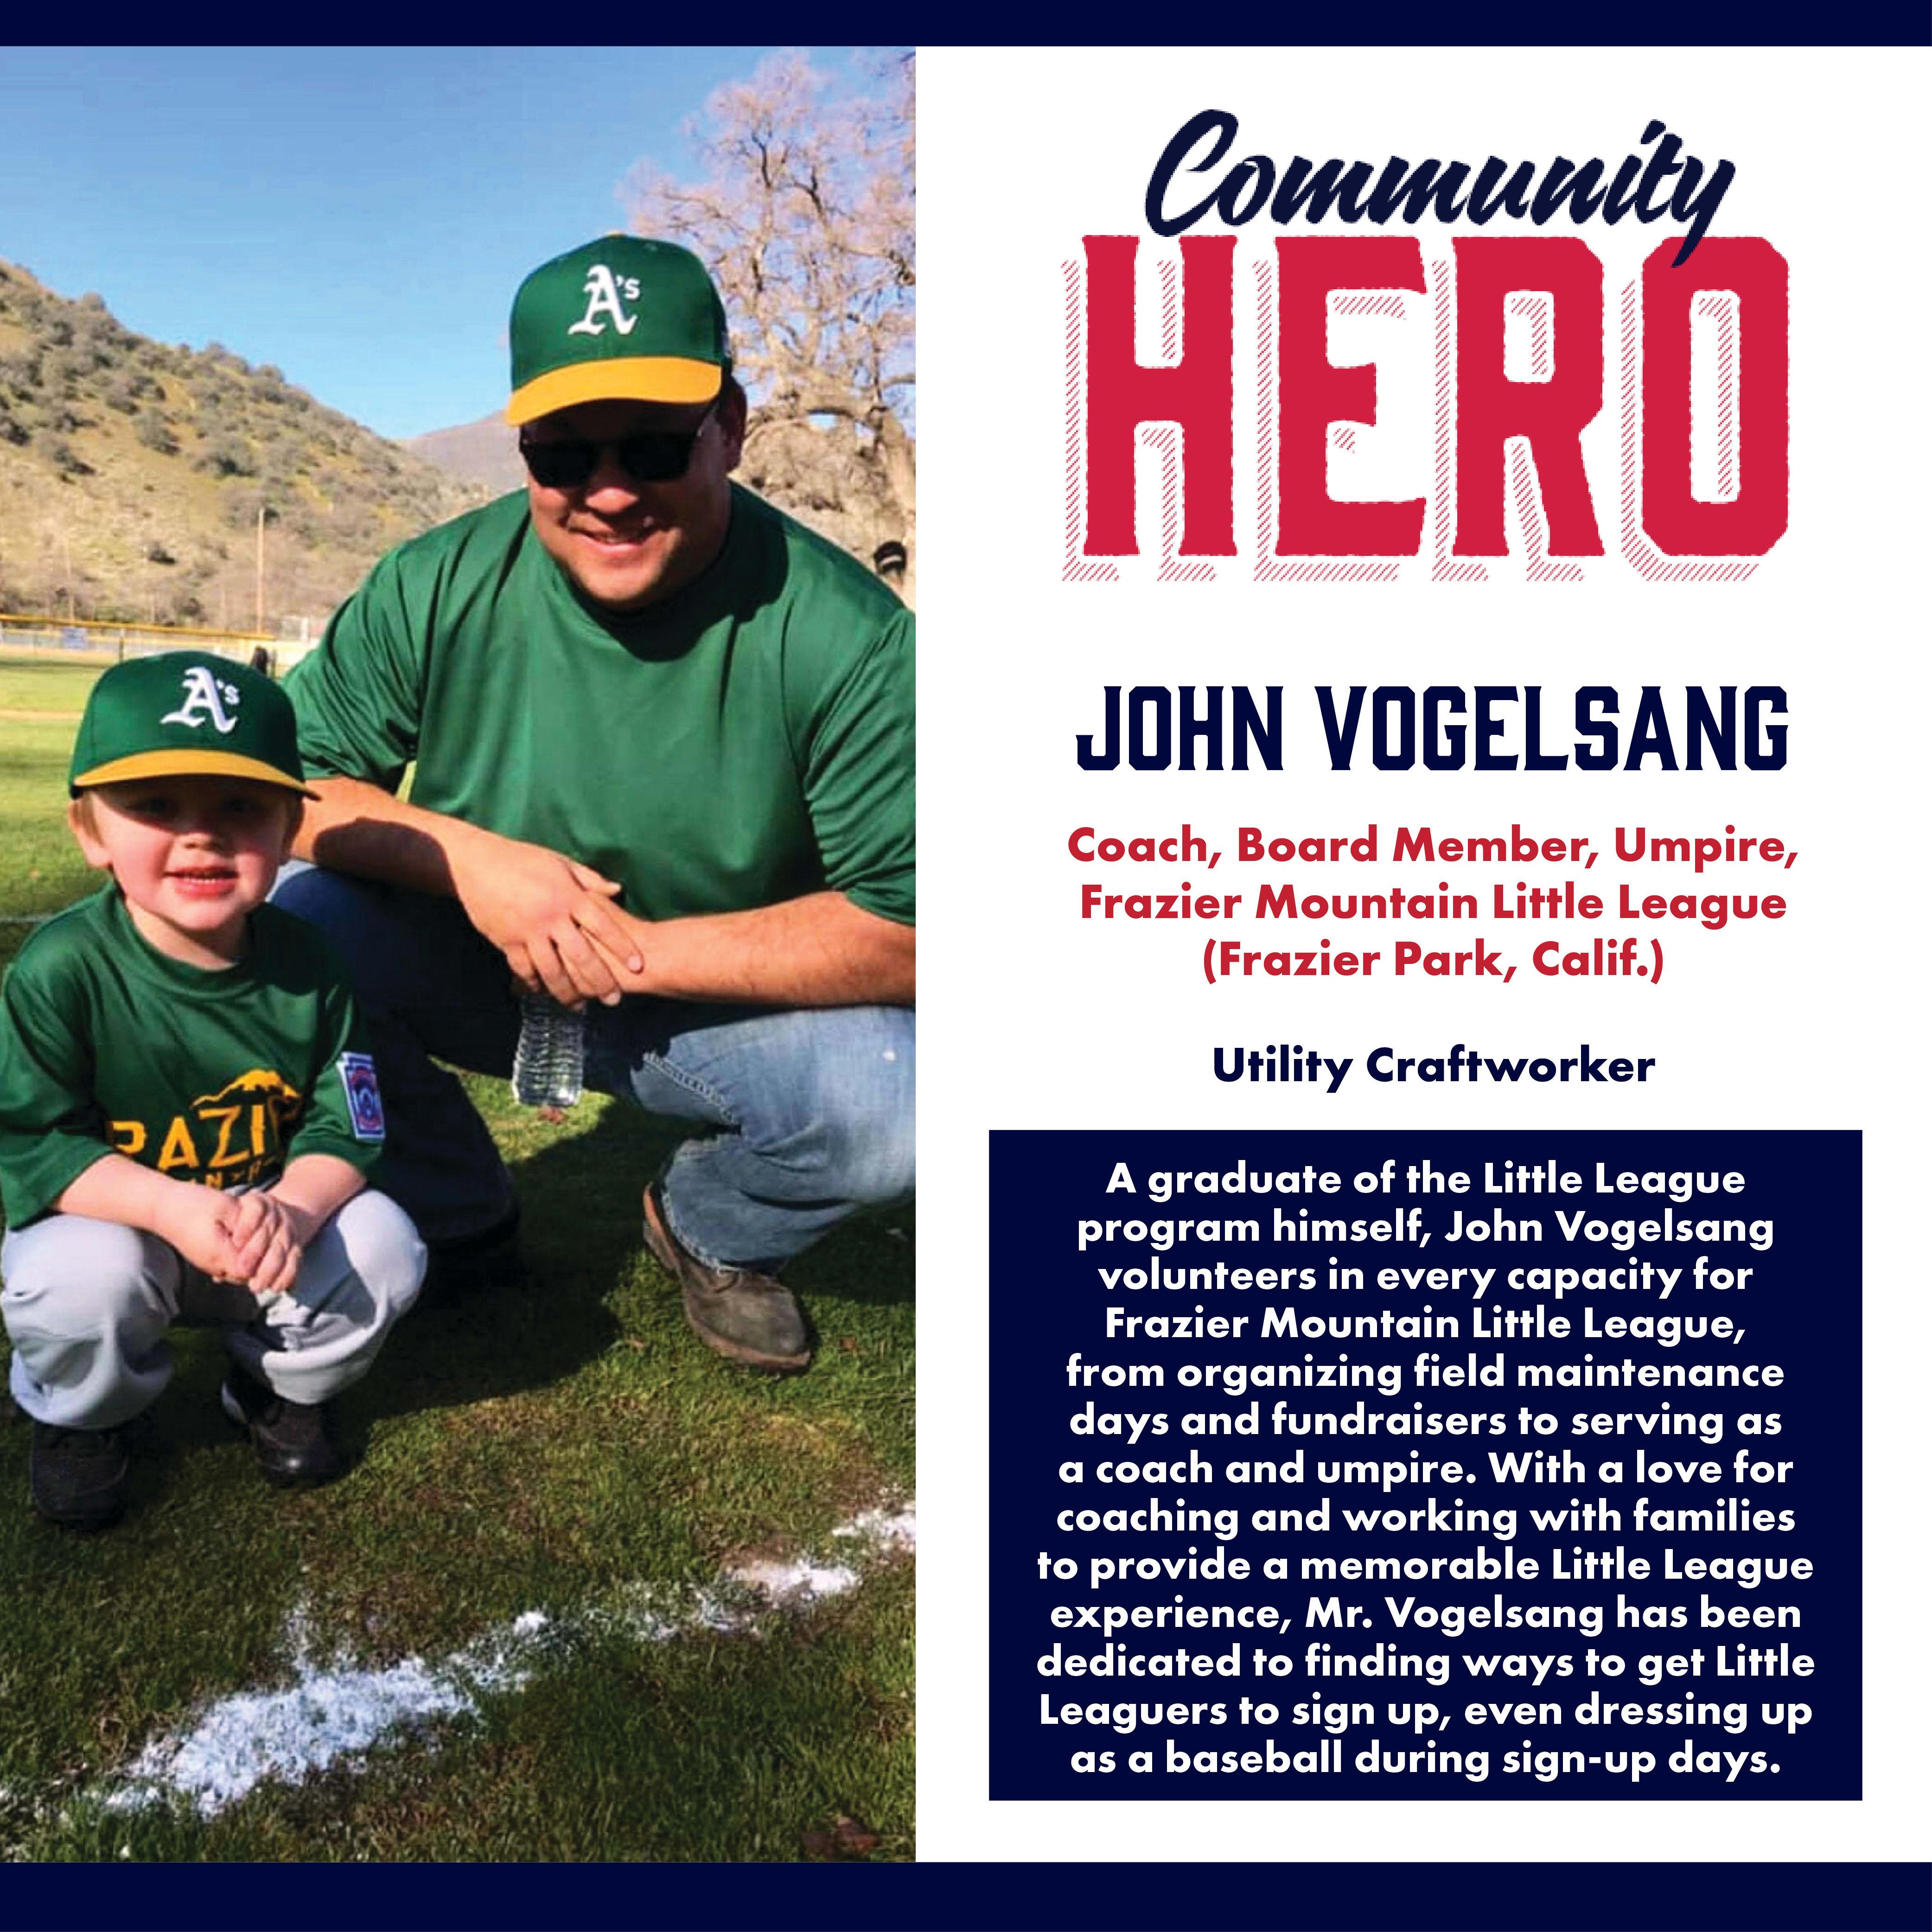 John Vogelsang Community Hero